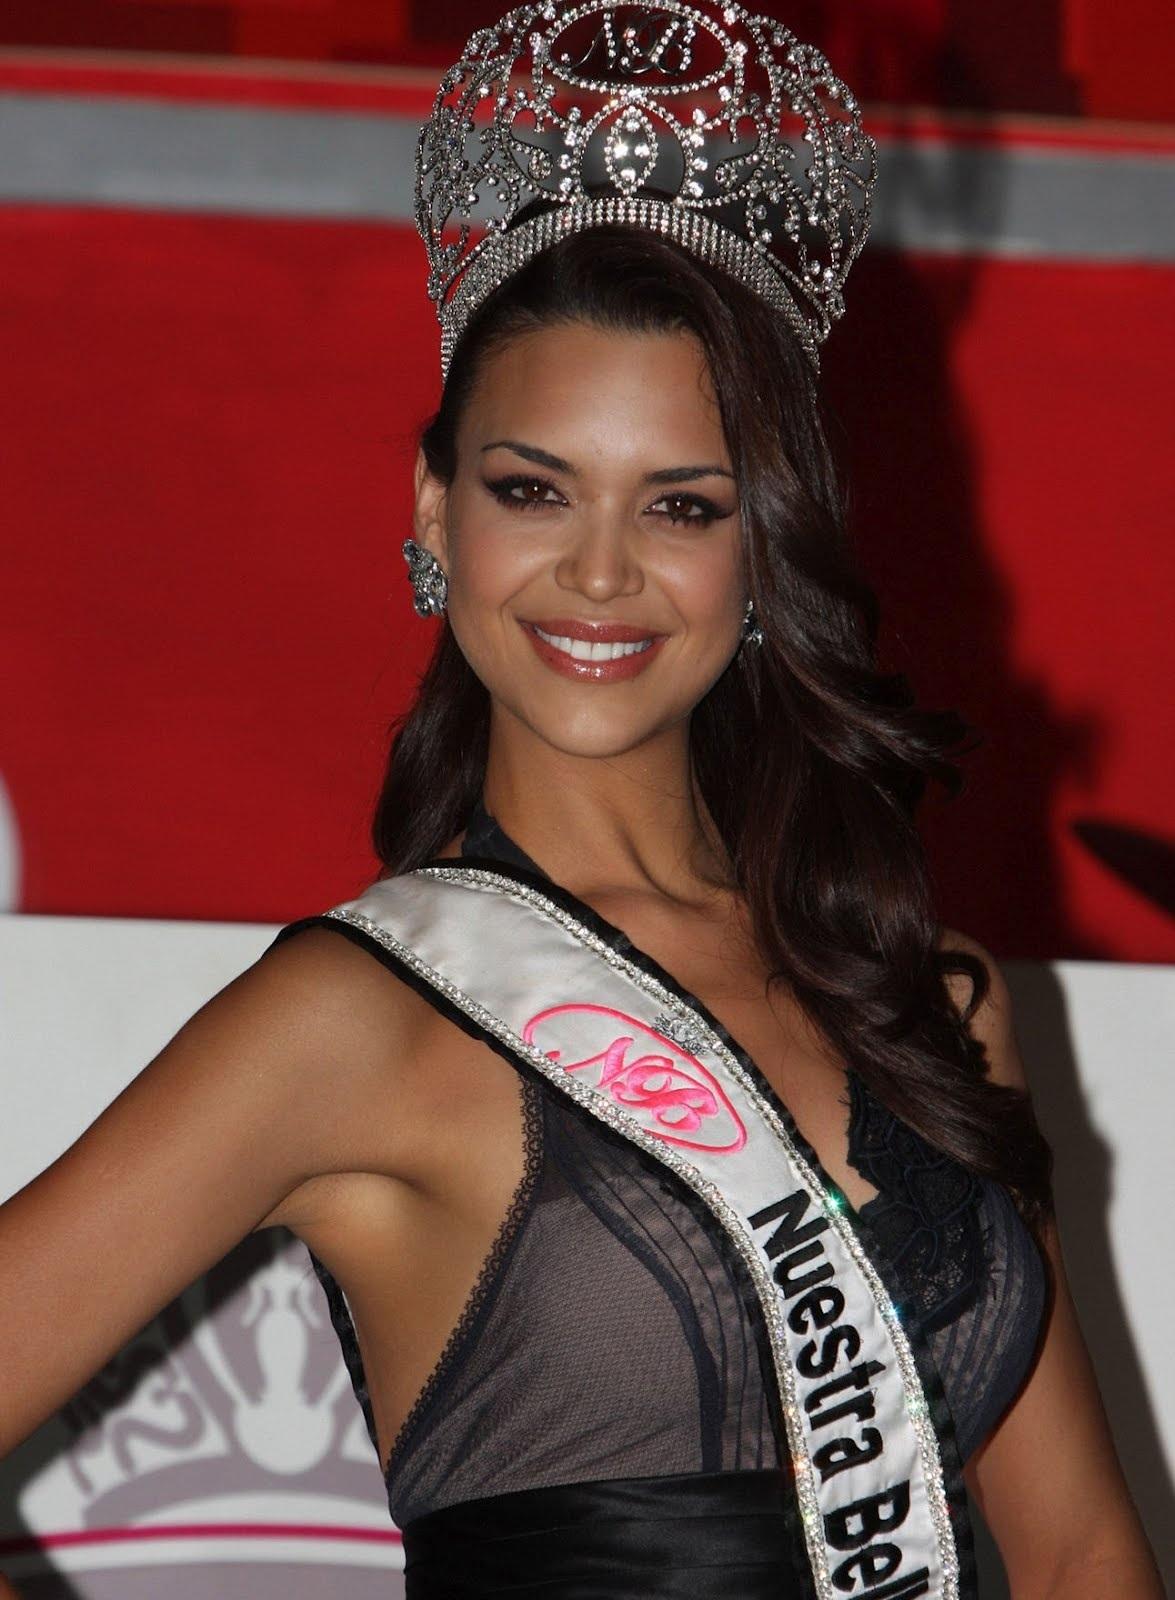 elisa najera, top 5 de miss universe 2008. H23riqhb